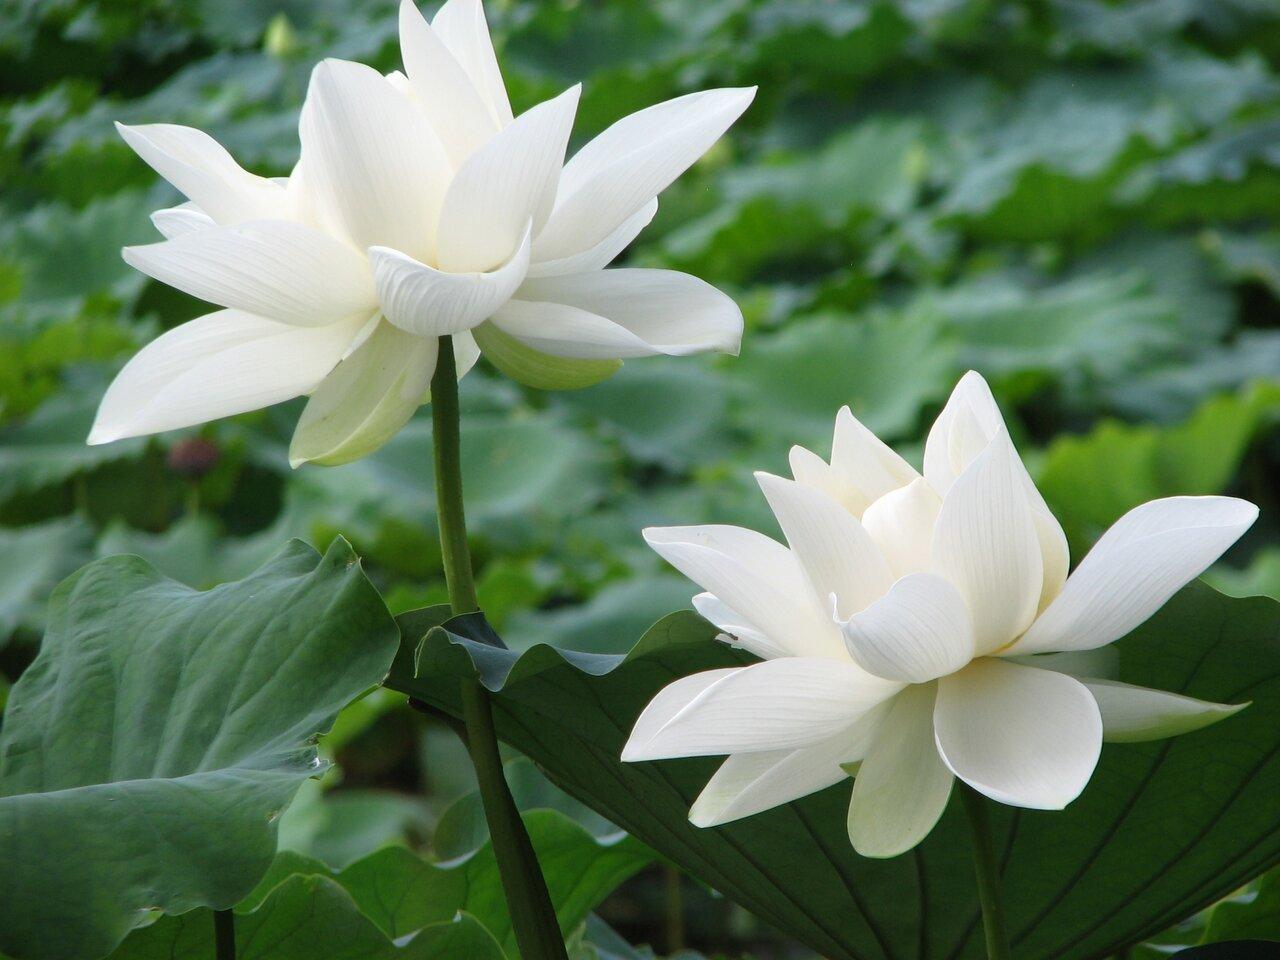 2つ並んだ白い蓮の花